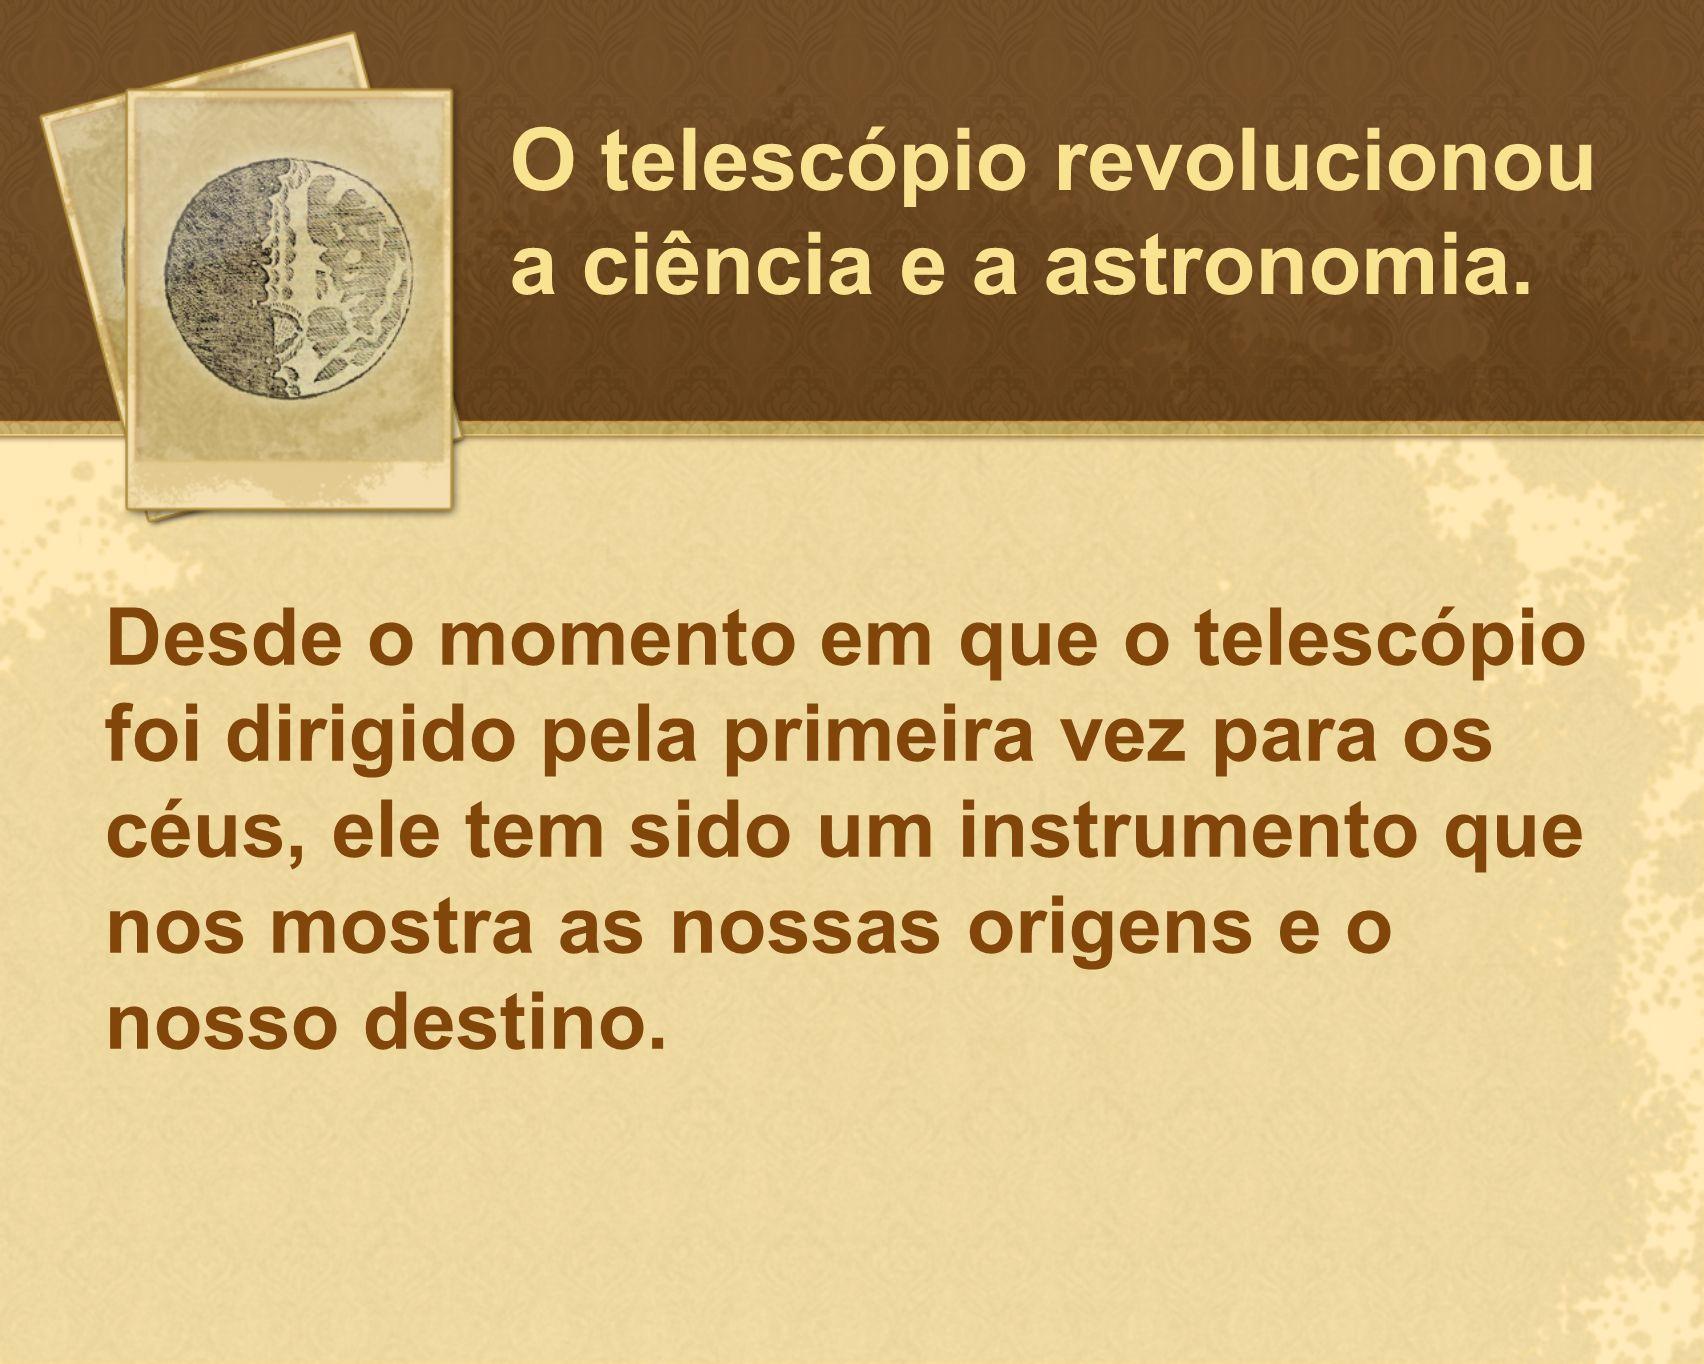 O telescópio revolucionou a ciência e a astronomia.